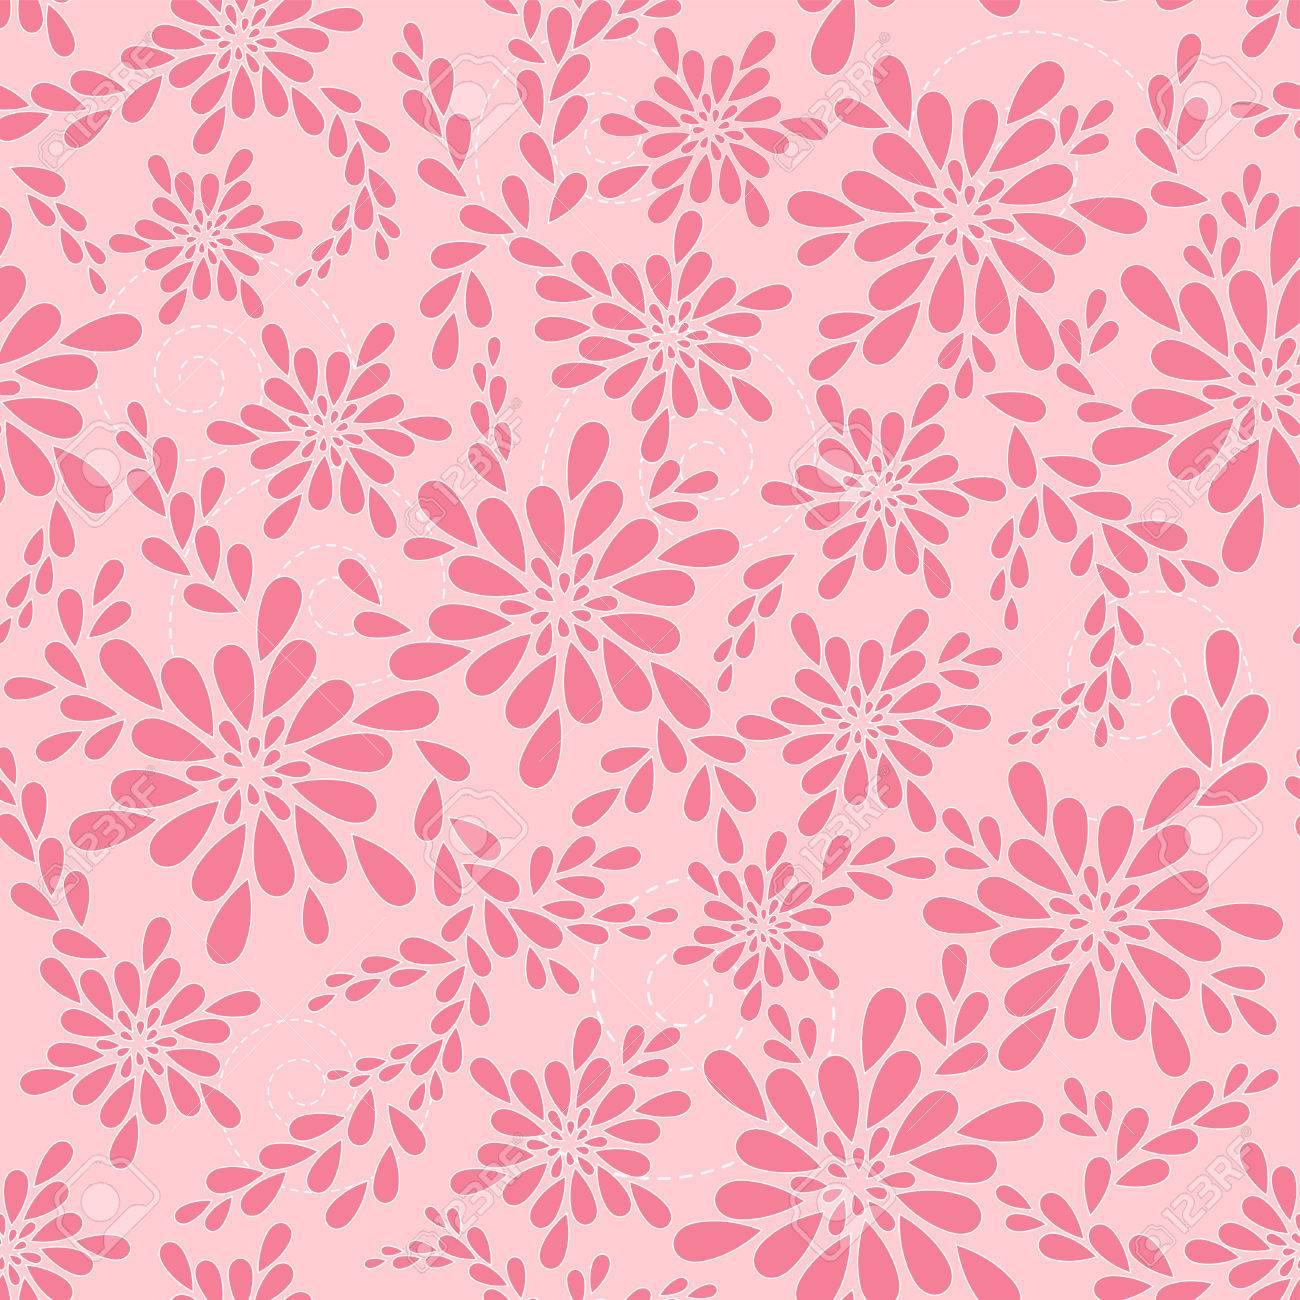 Pink floral patterns. Vector illustration. - 27439650